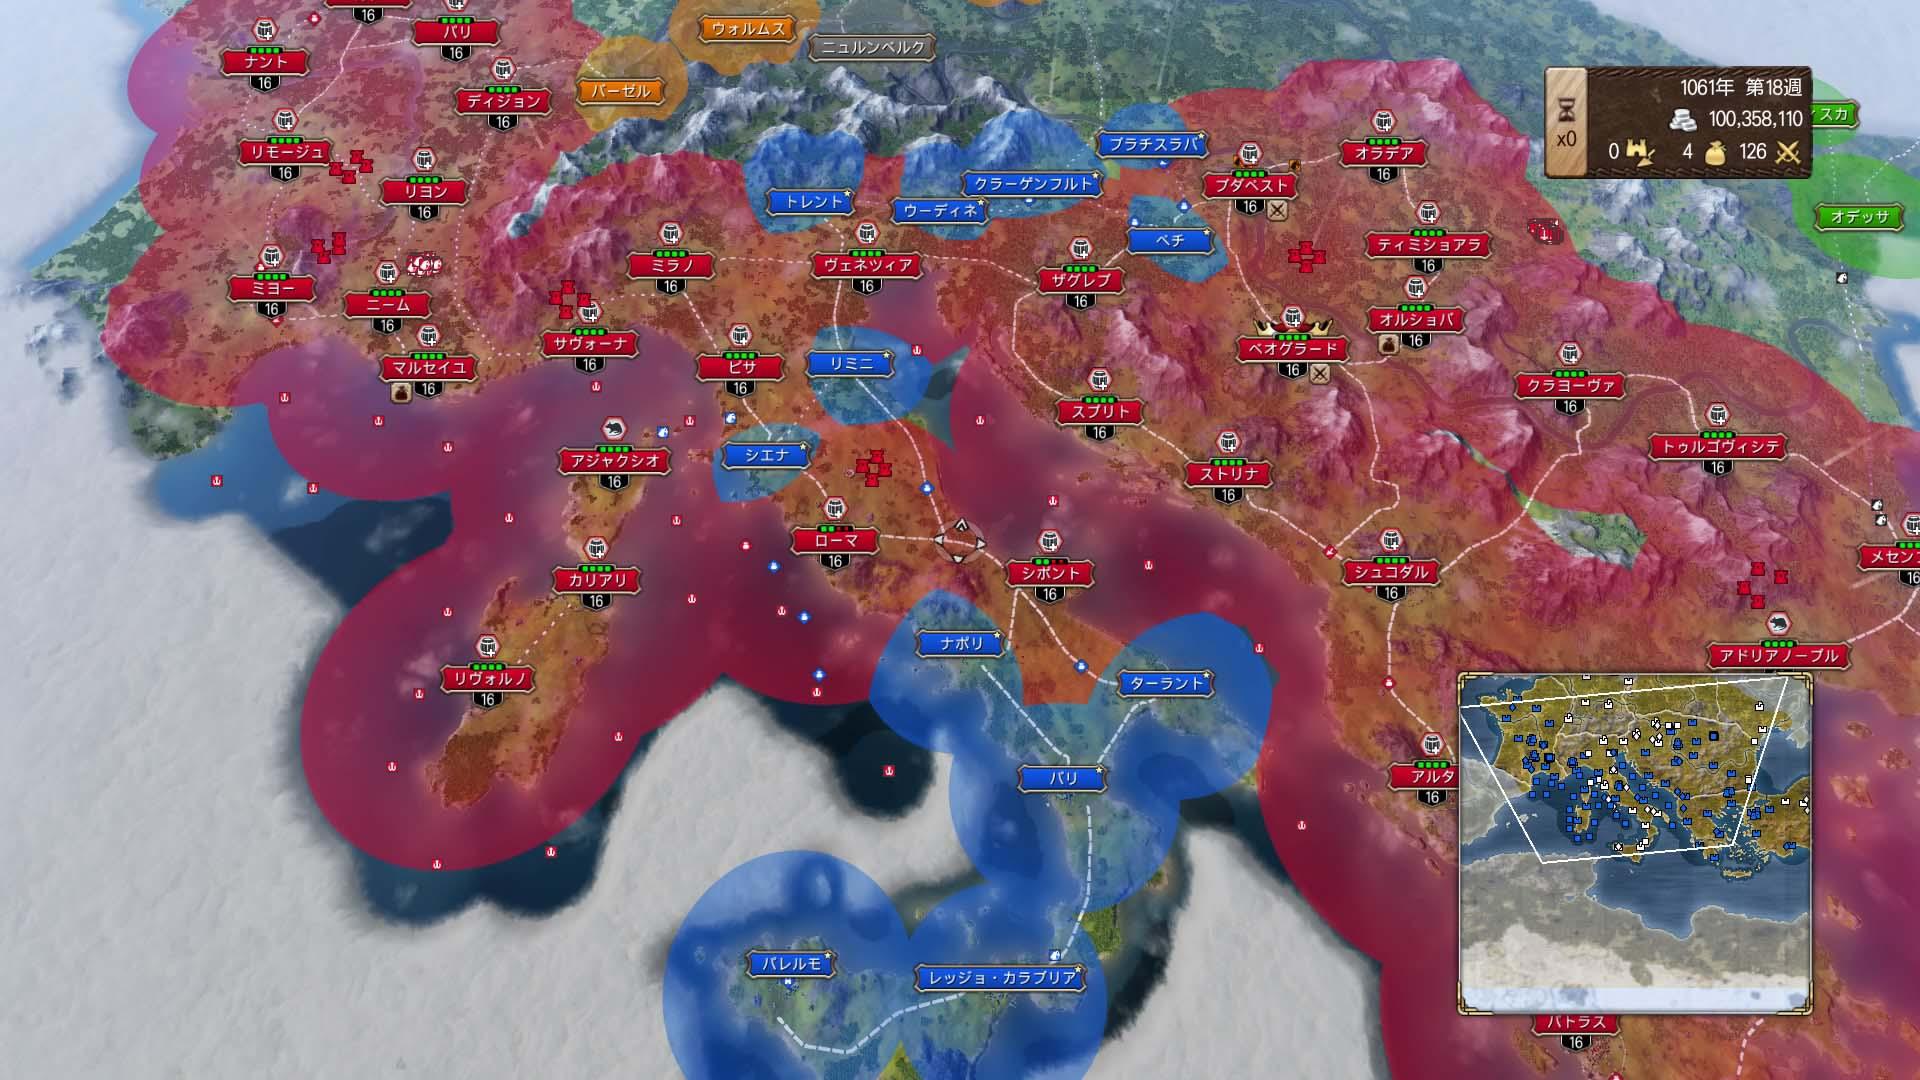 再現された数多くの都市